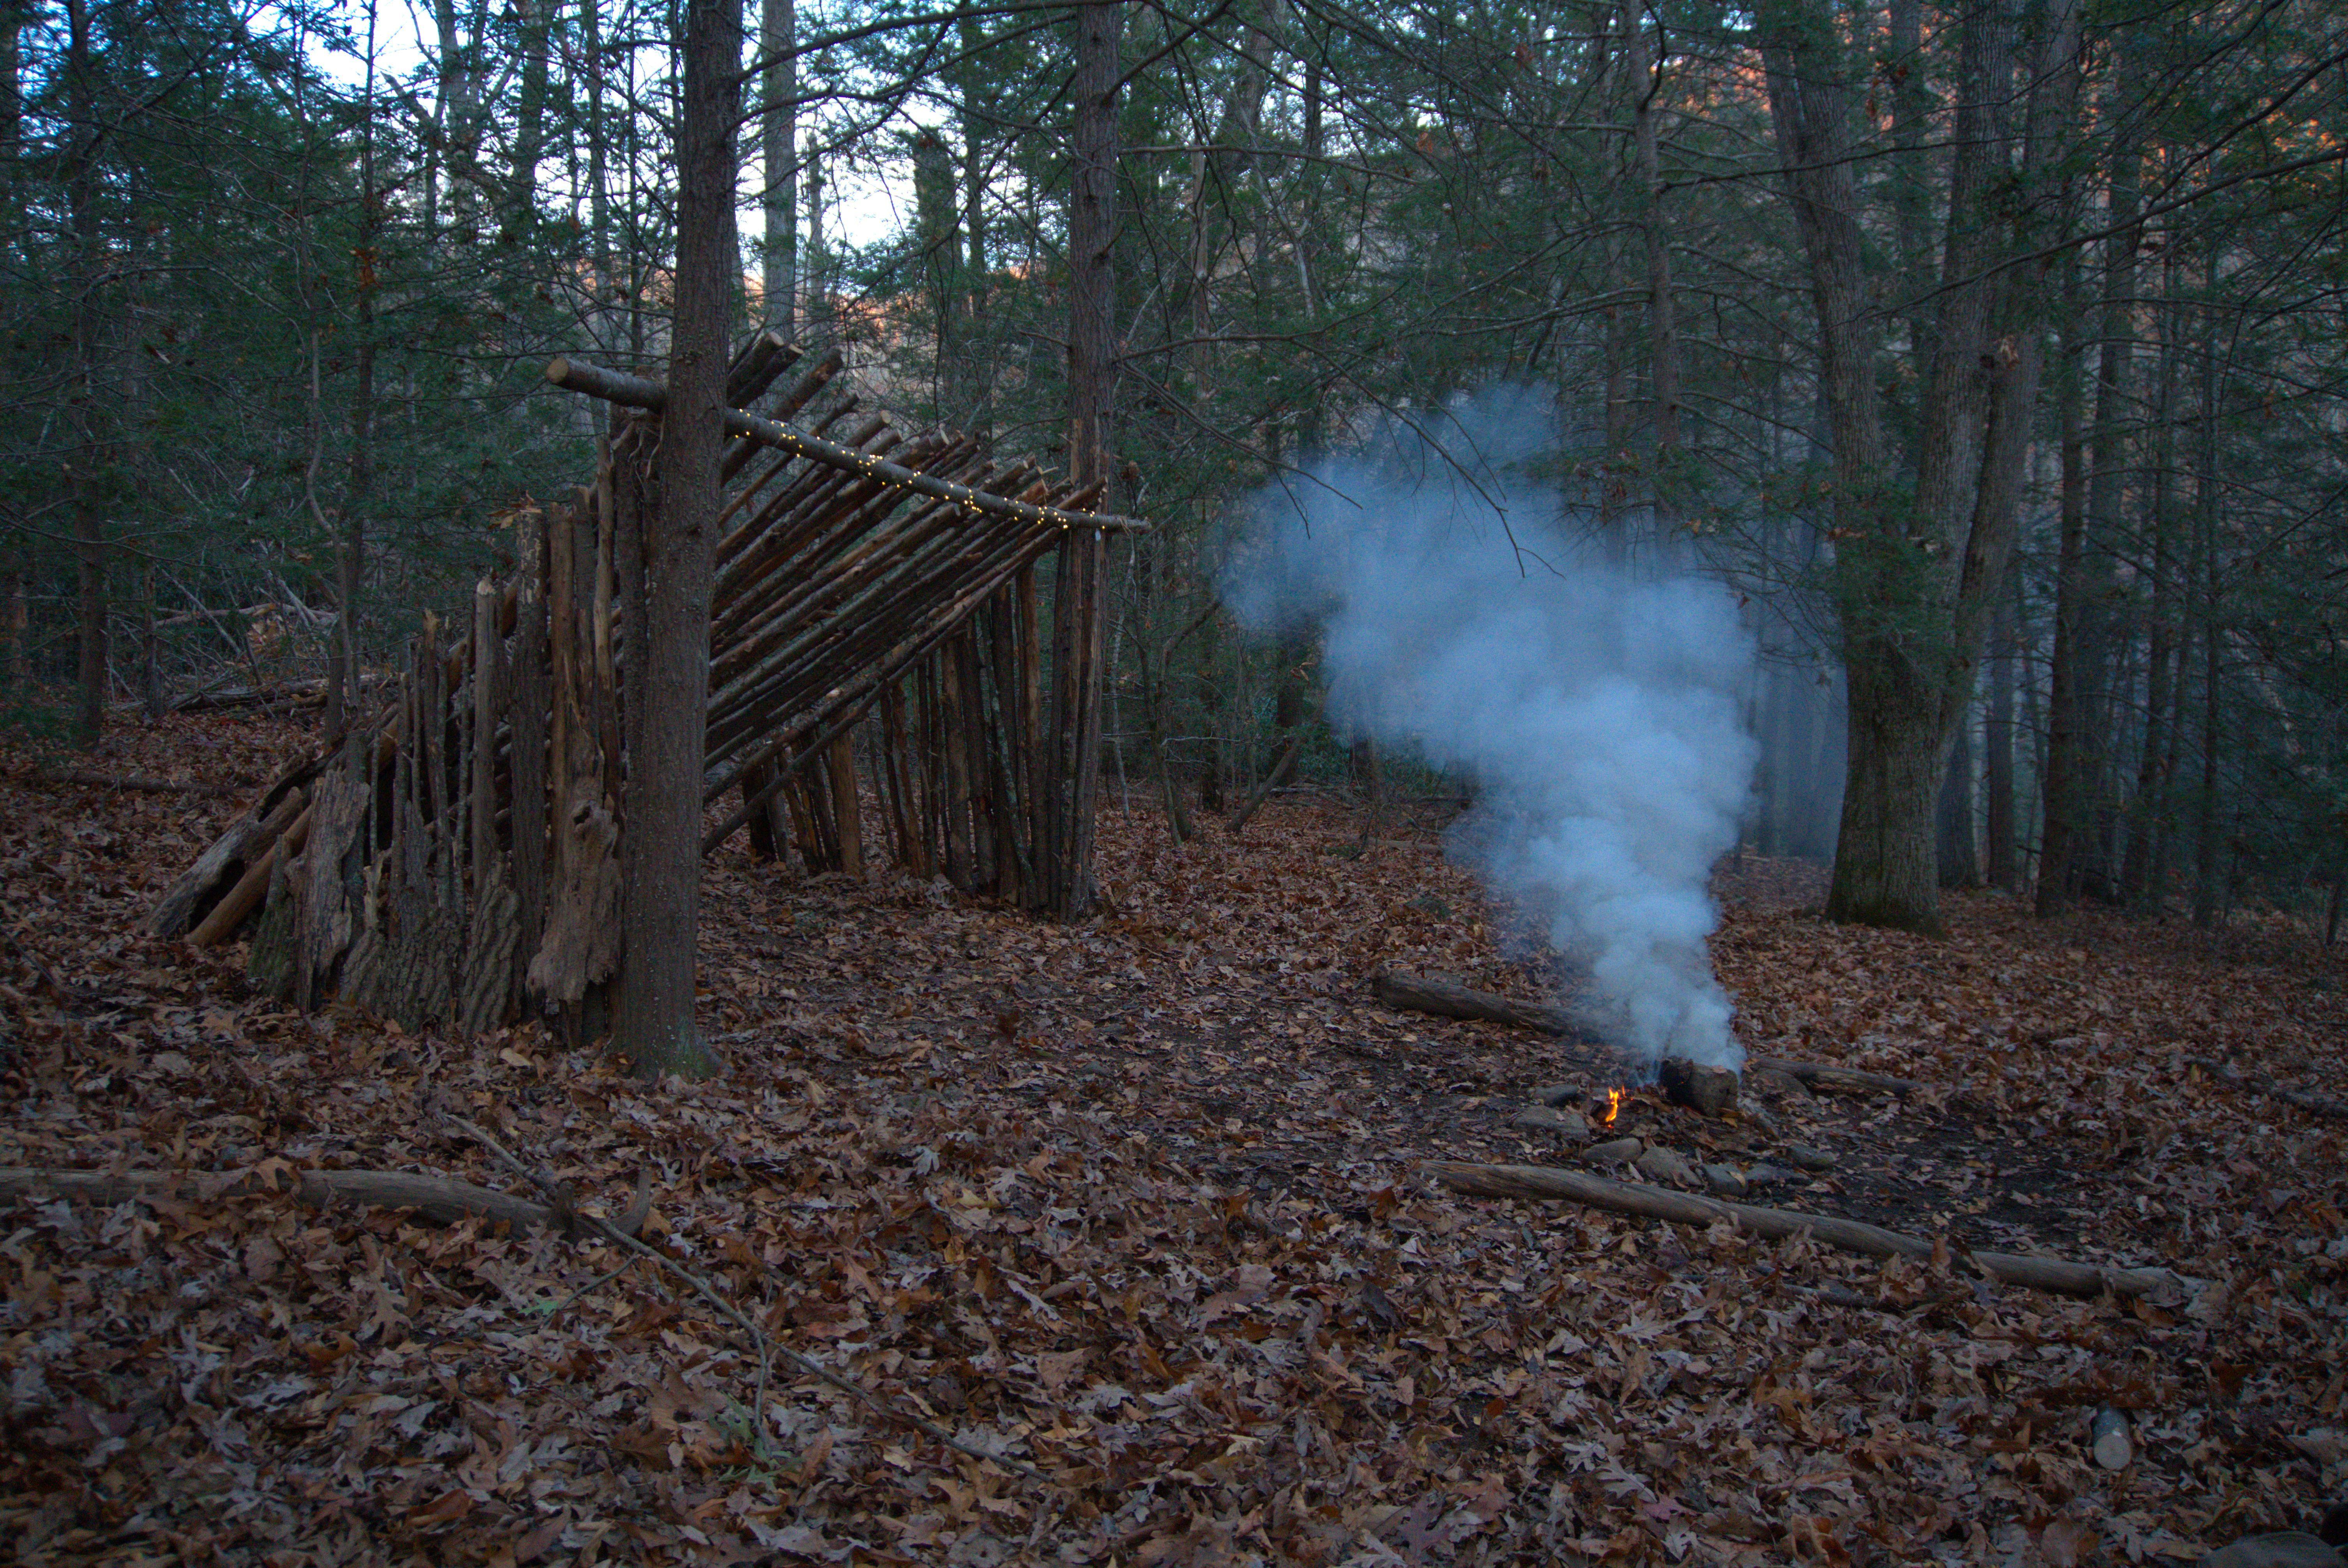 Bushcraft setup in the wilderness near Asheville, North